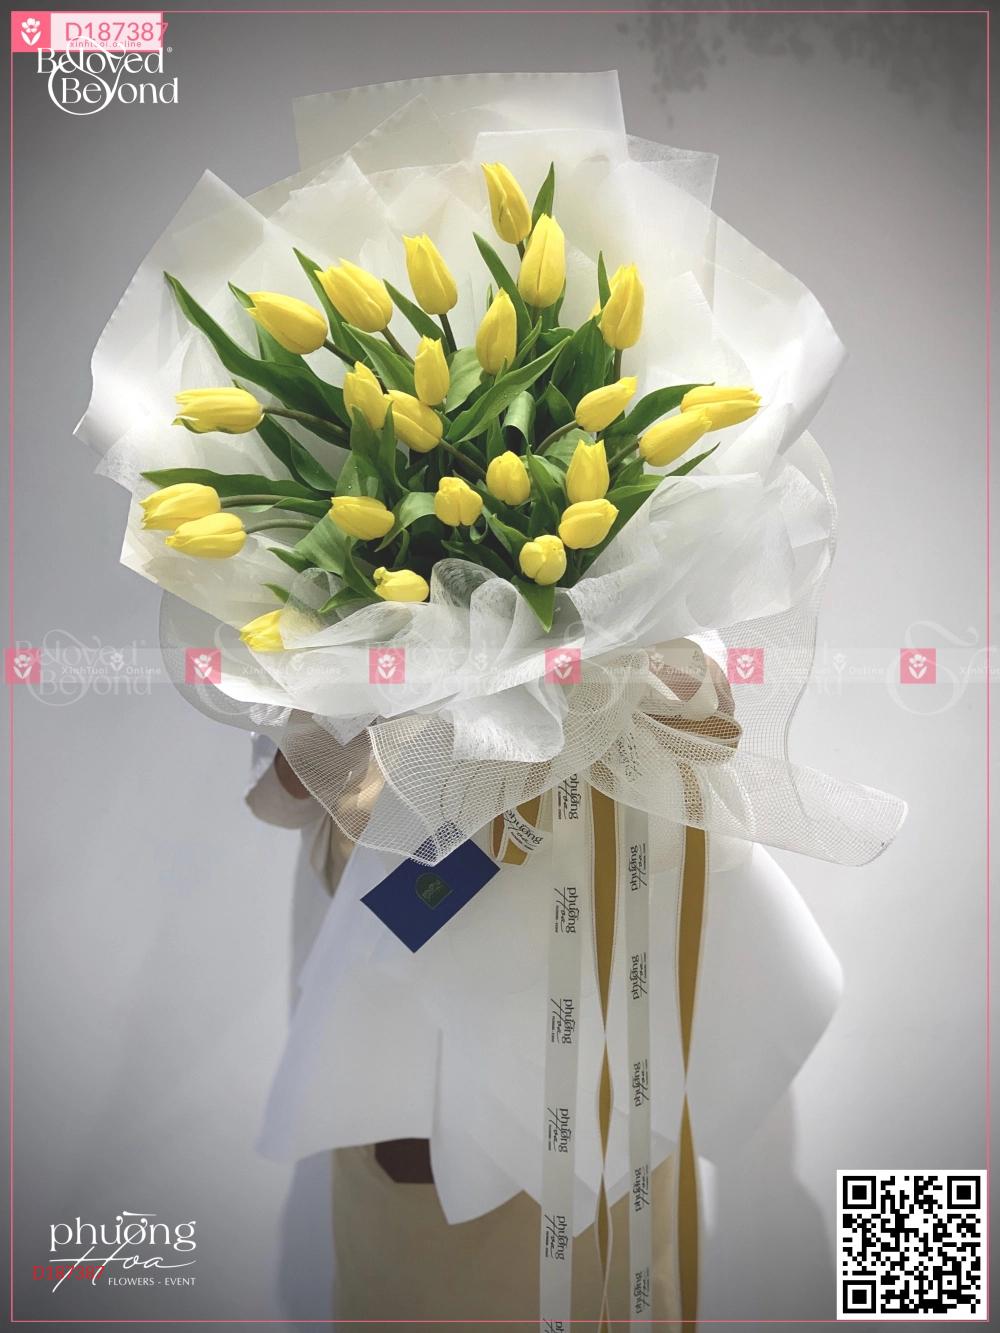 Chung thuỷ - D187387 - xinhtuoi.online